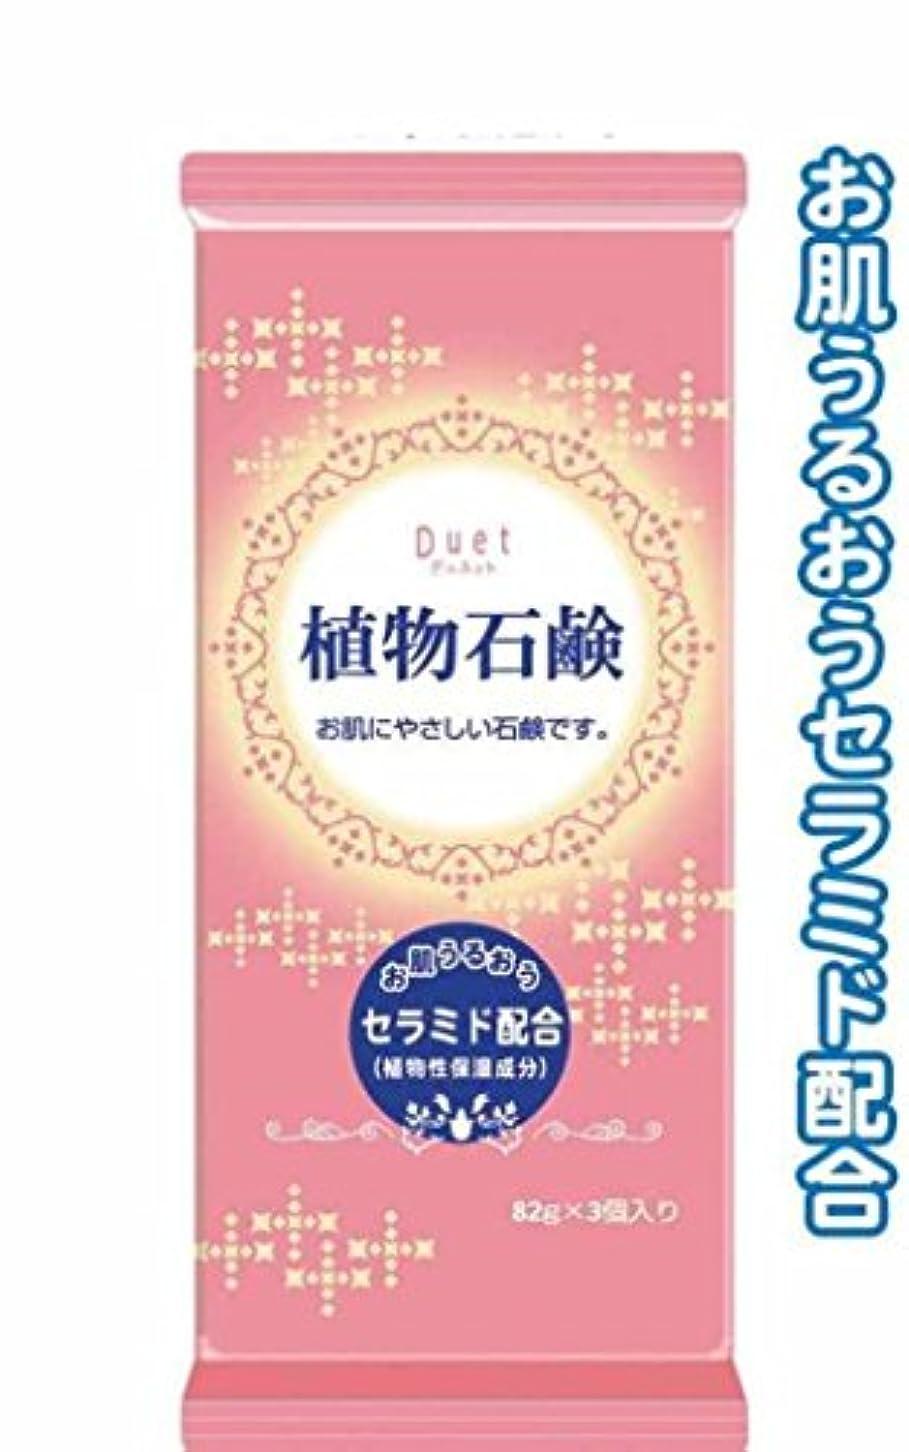 認める常に序文デュエット植物石鹸82g×3個入フローラルの香り 【まとめ買い4個入り×320パック 合計1280個セット】 46-204